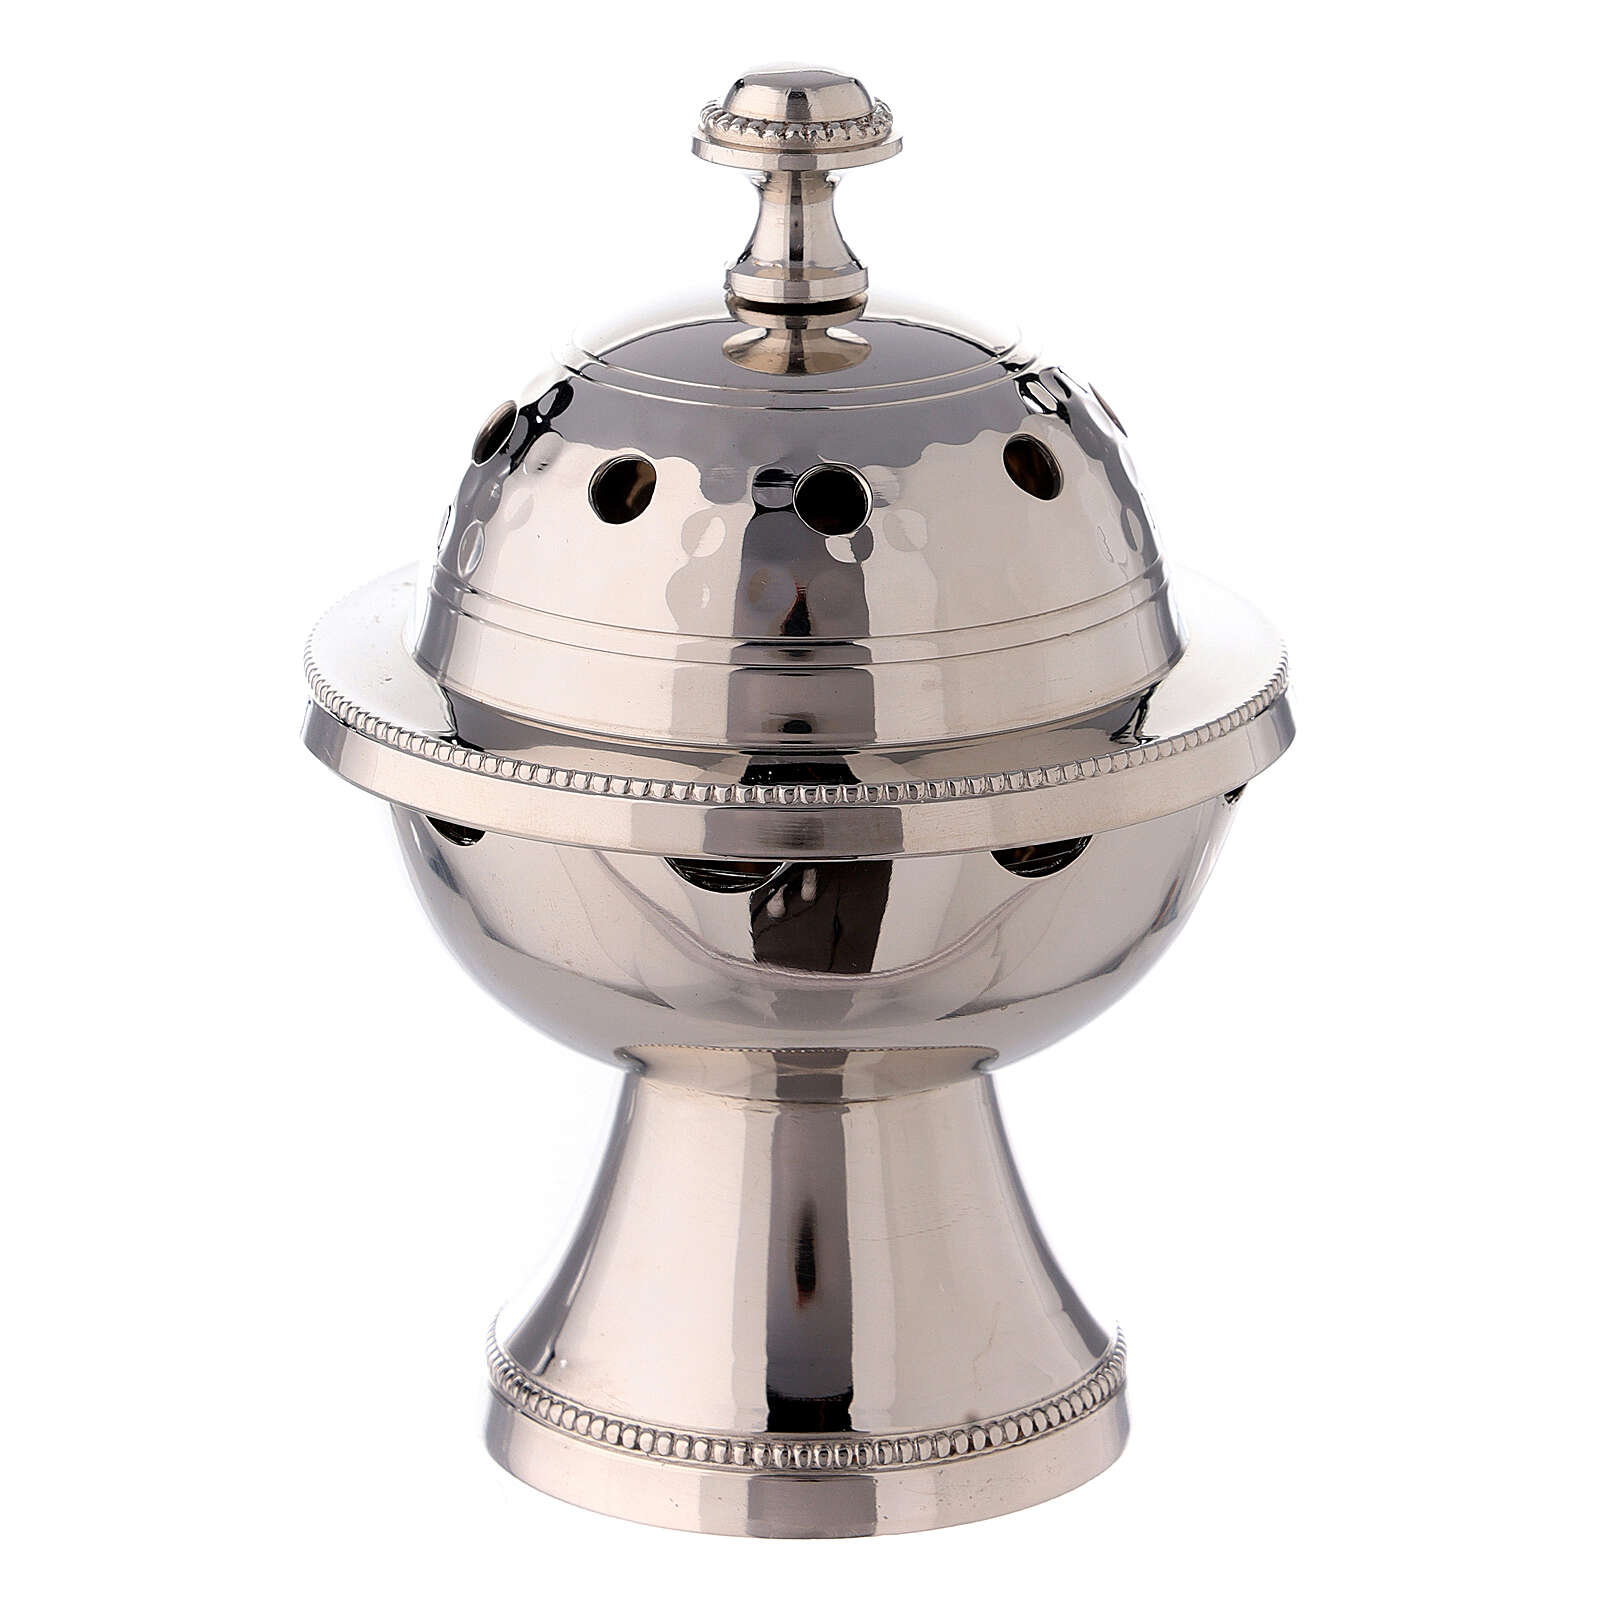 Bruciaincenso sfera ottone nichelato martellature 13 cm 3